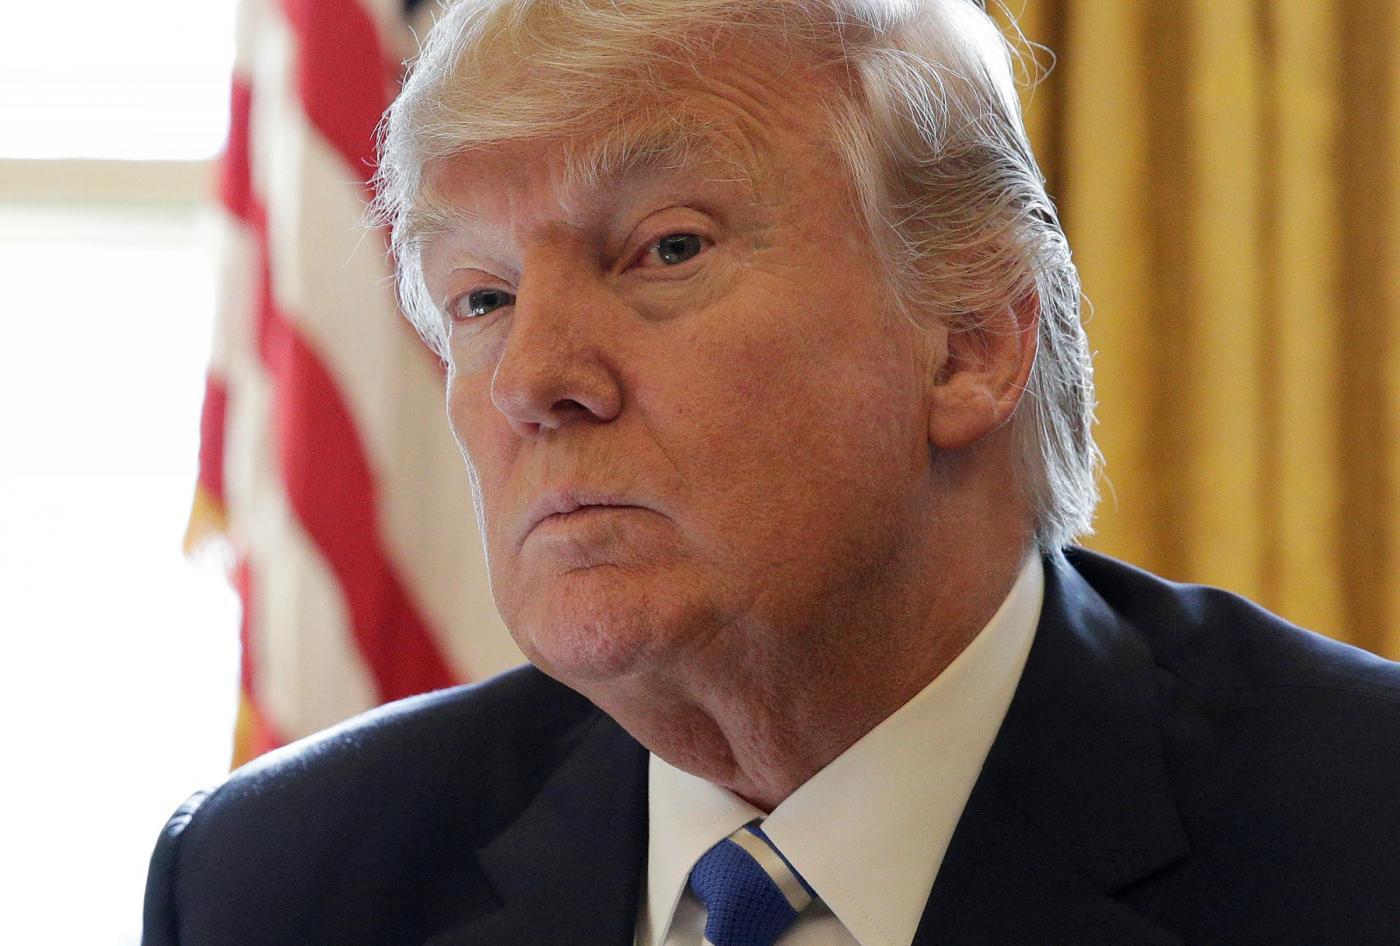 Muslim Ban, dopo il no della Corte Federale Trump annuncia un nuovo bando sull'immigrazione